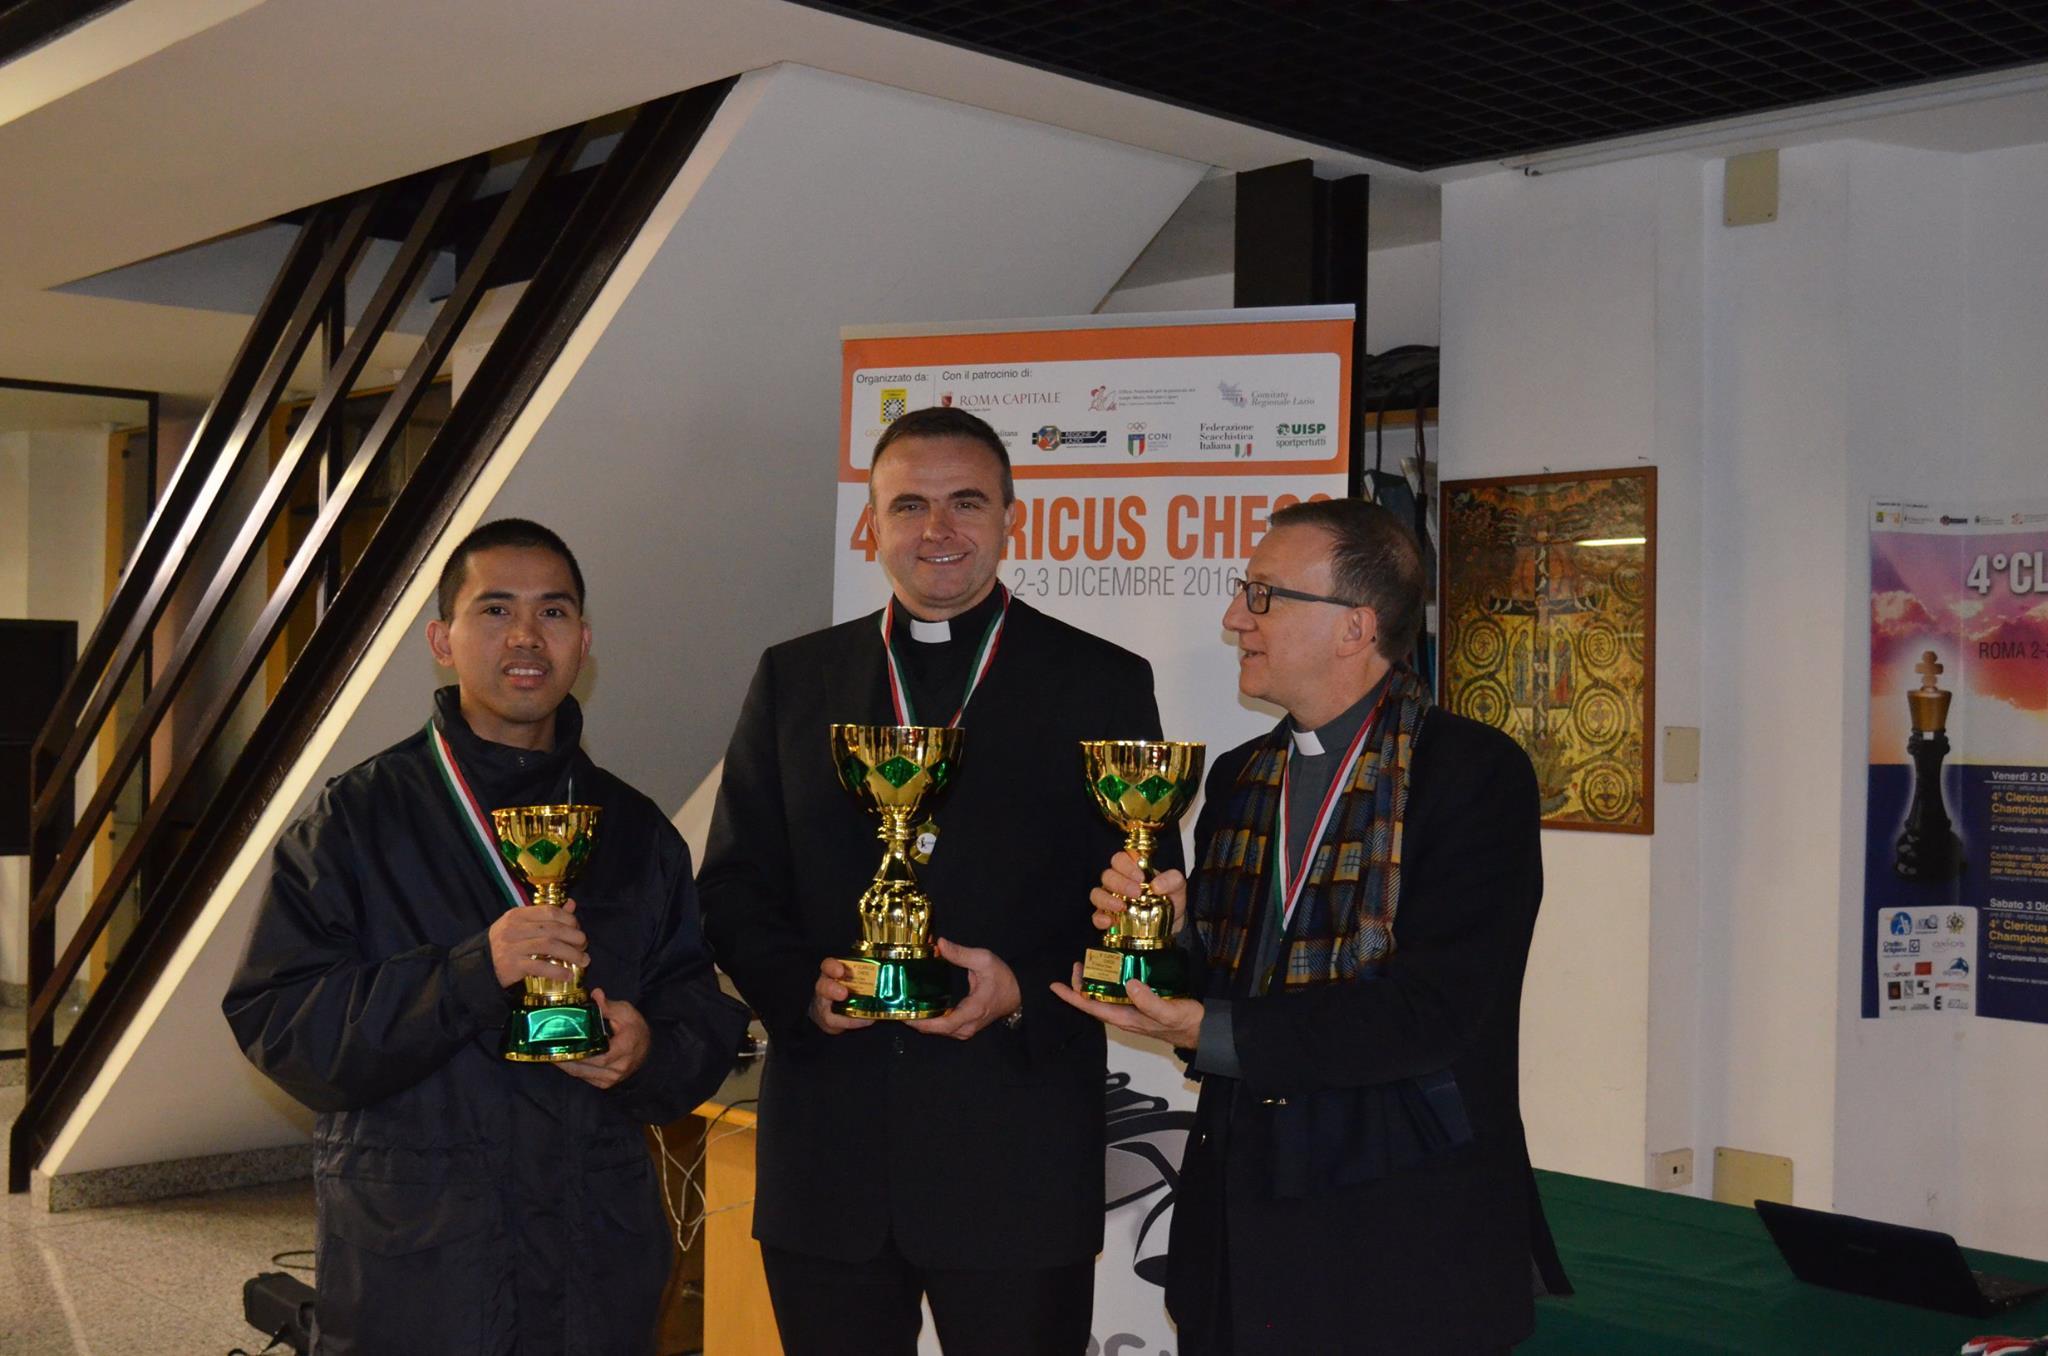 vincitori clericus chess